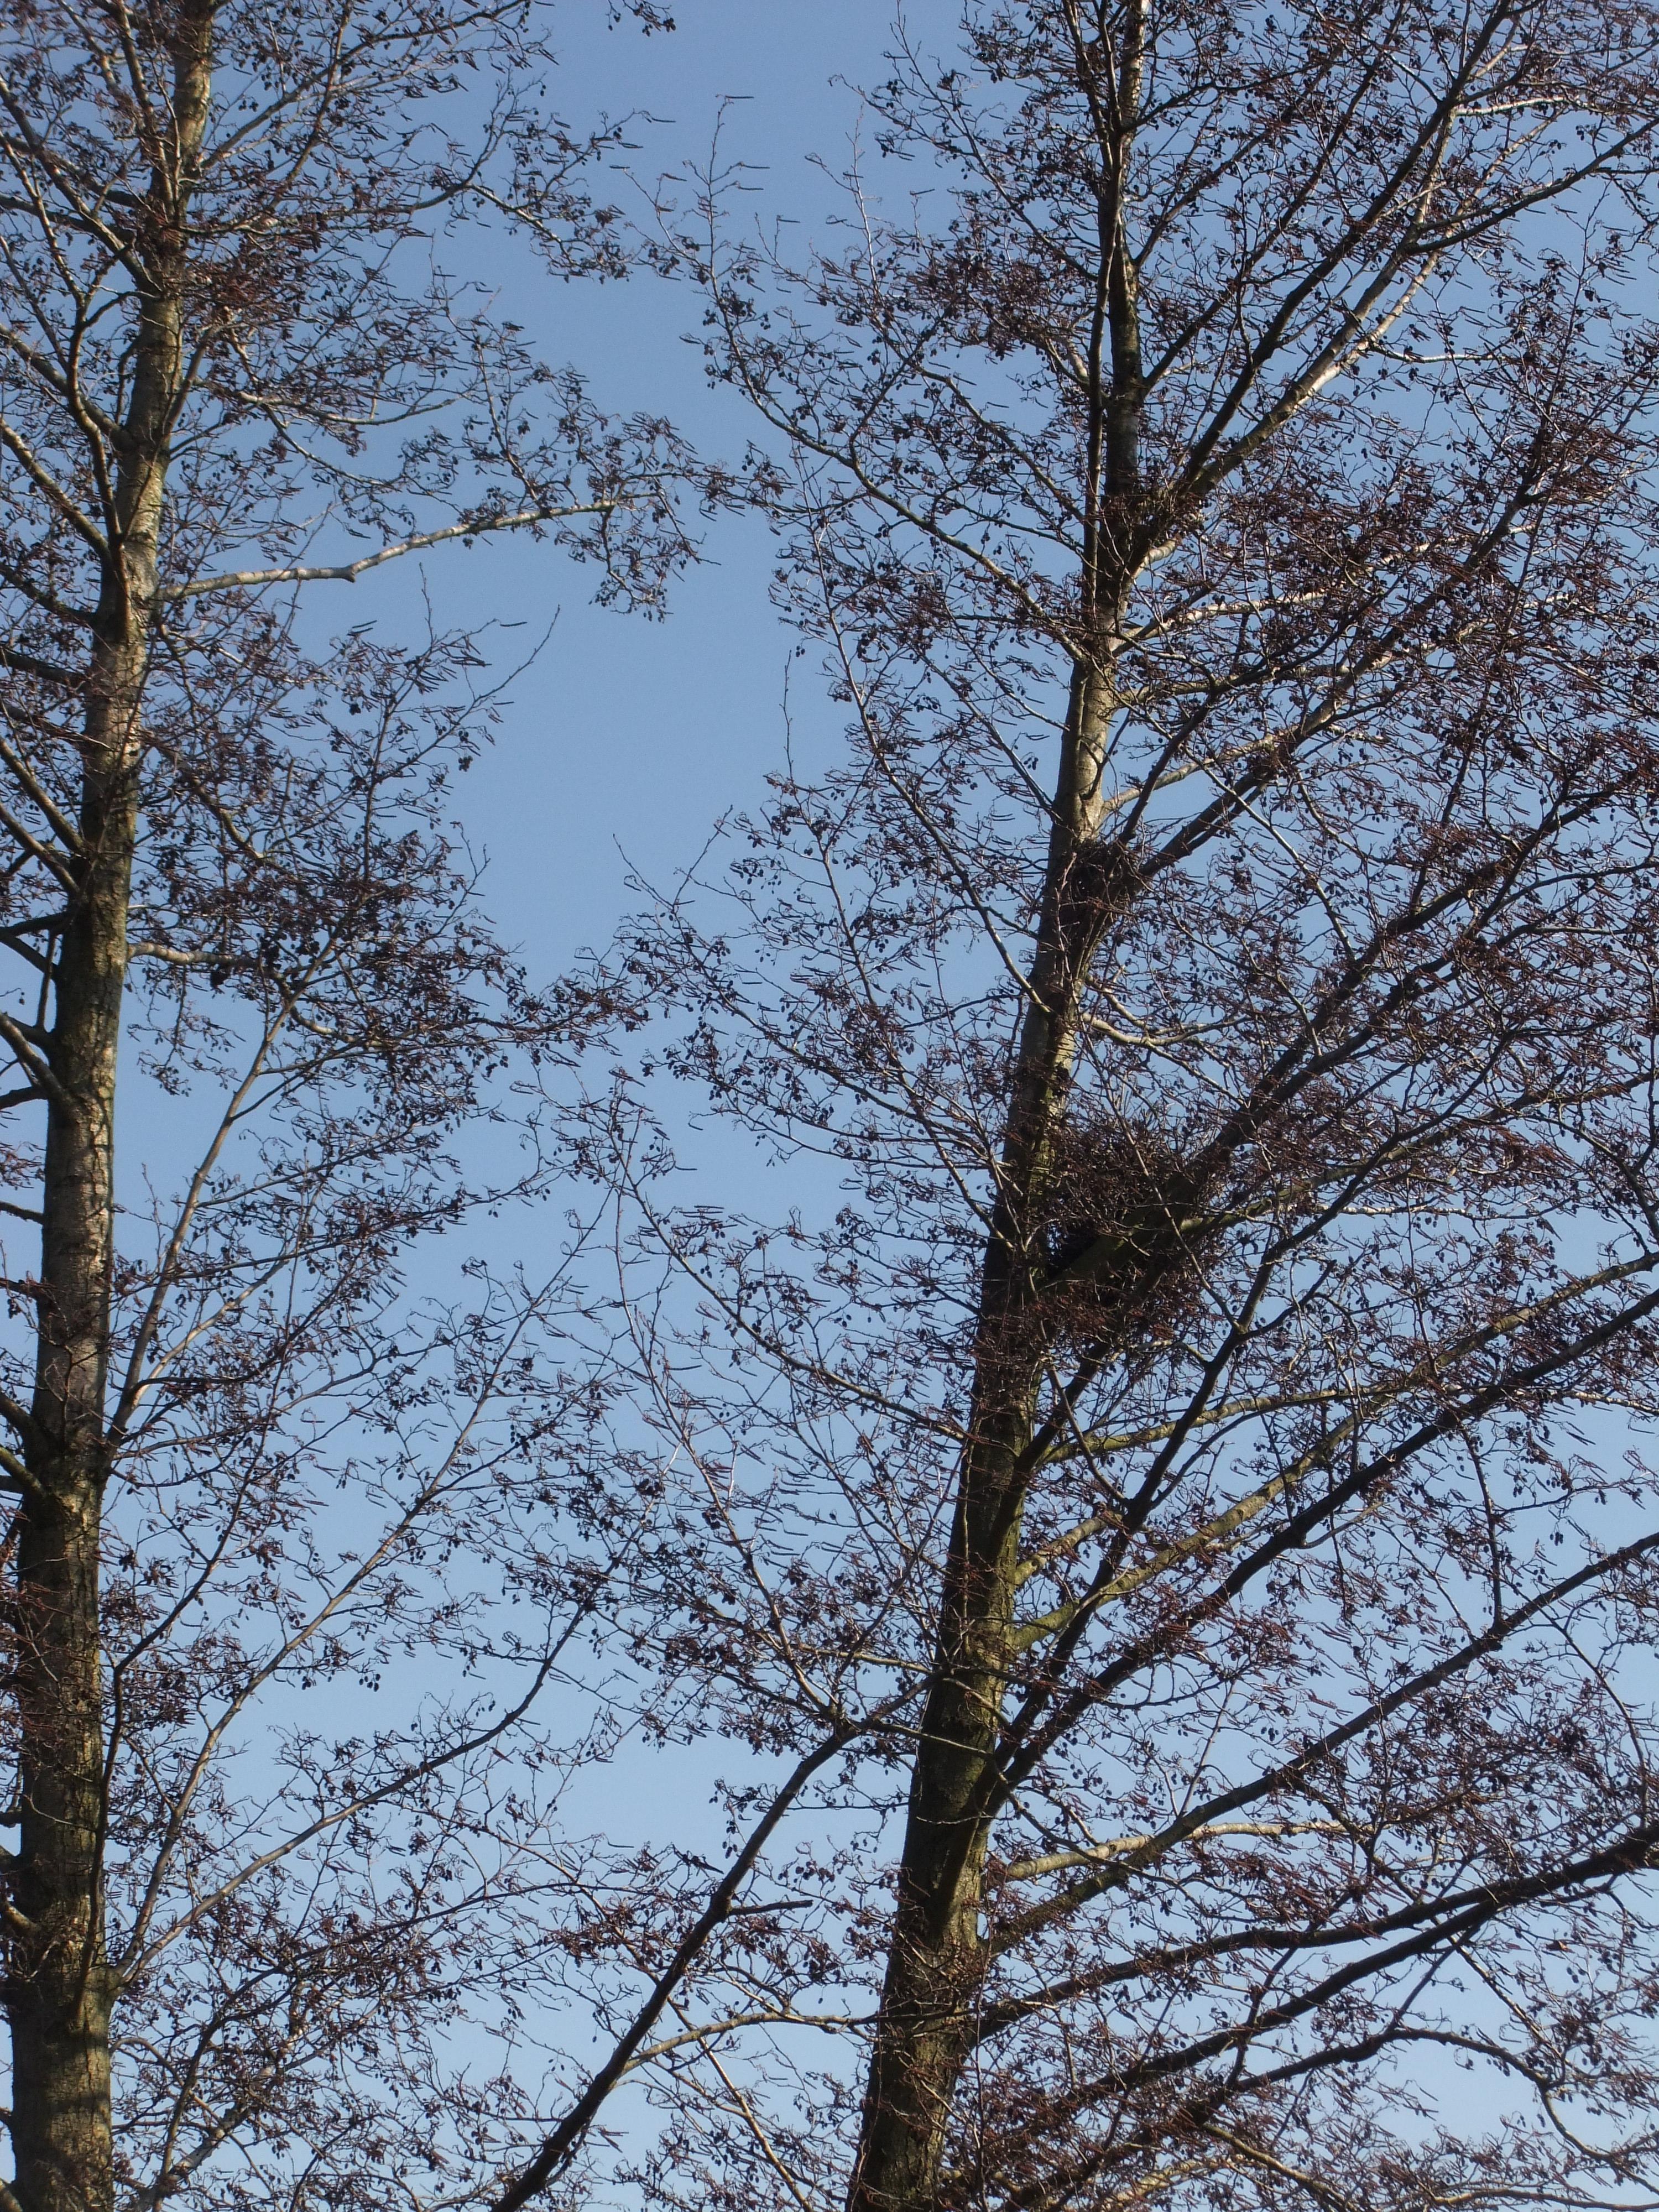 Un nid, attend le printemps, surtout qu'aujourd'hui le soleil est là...